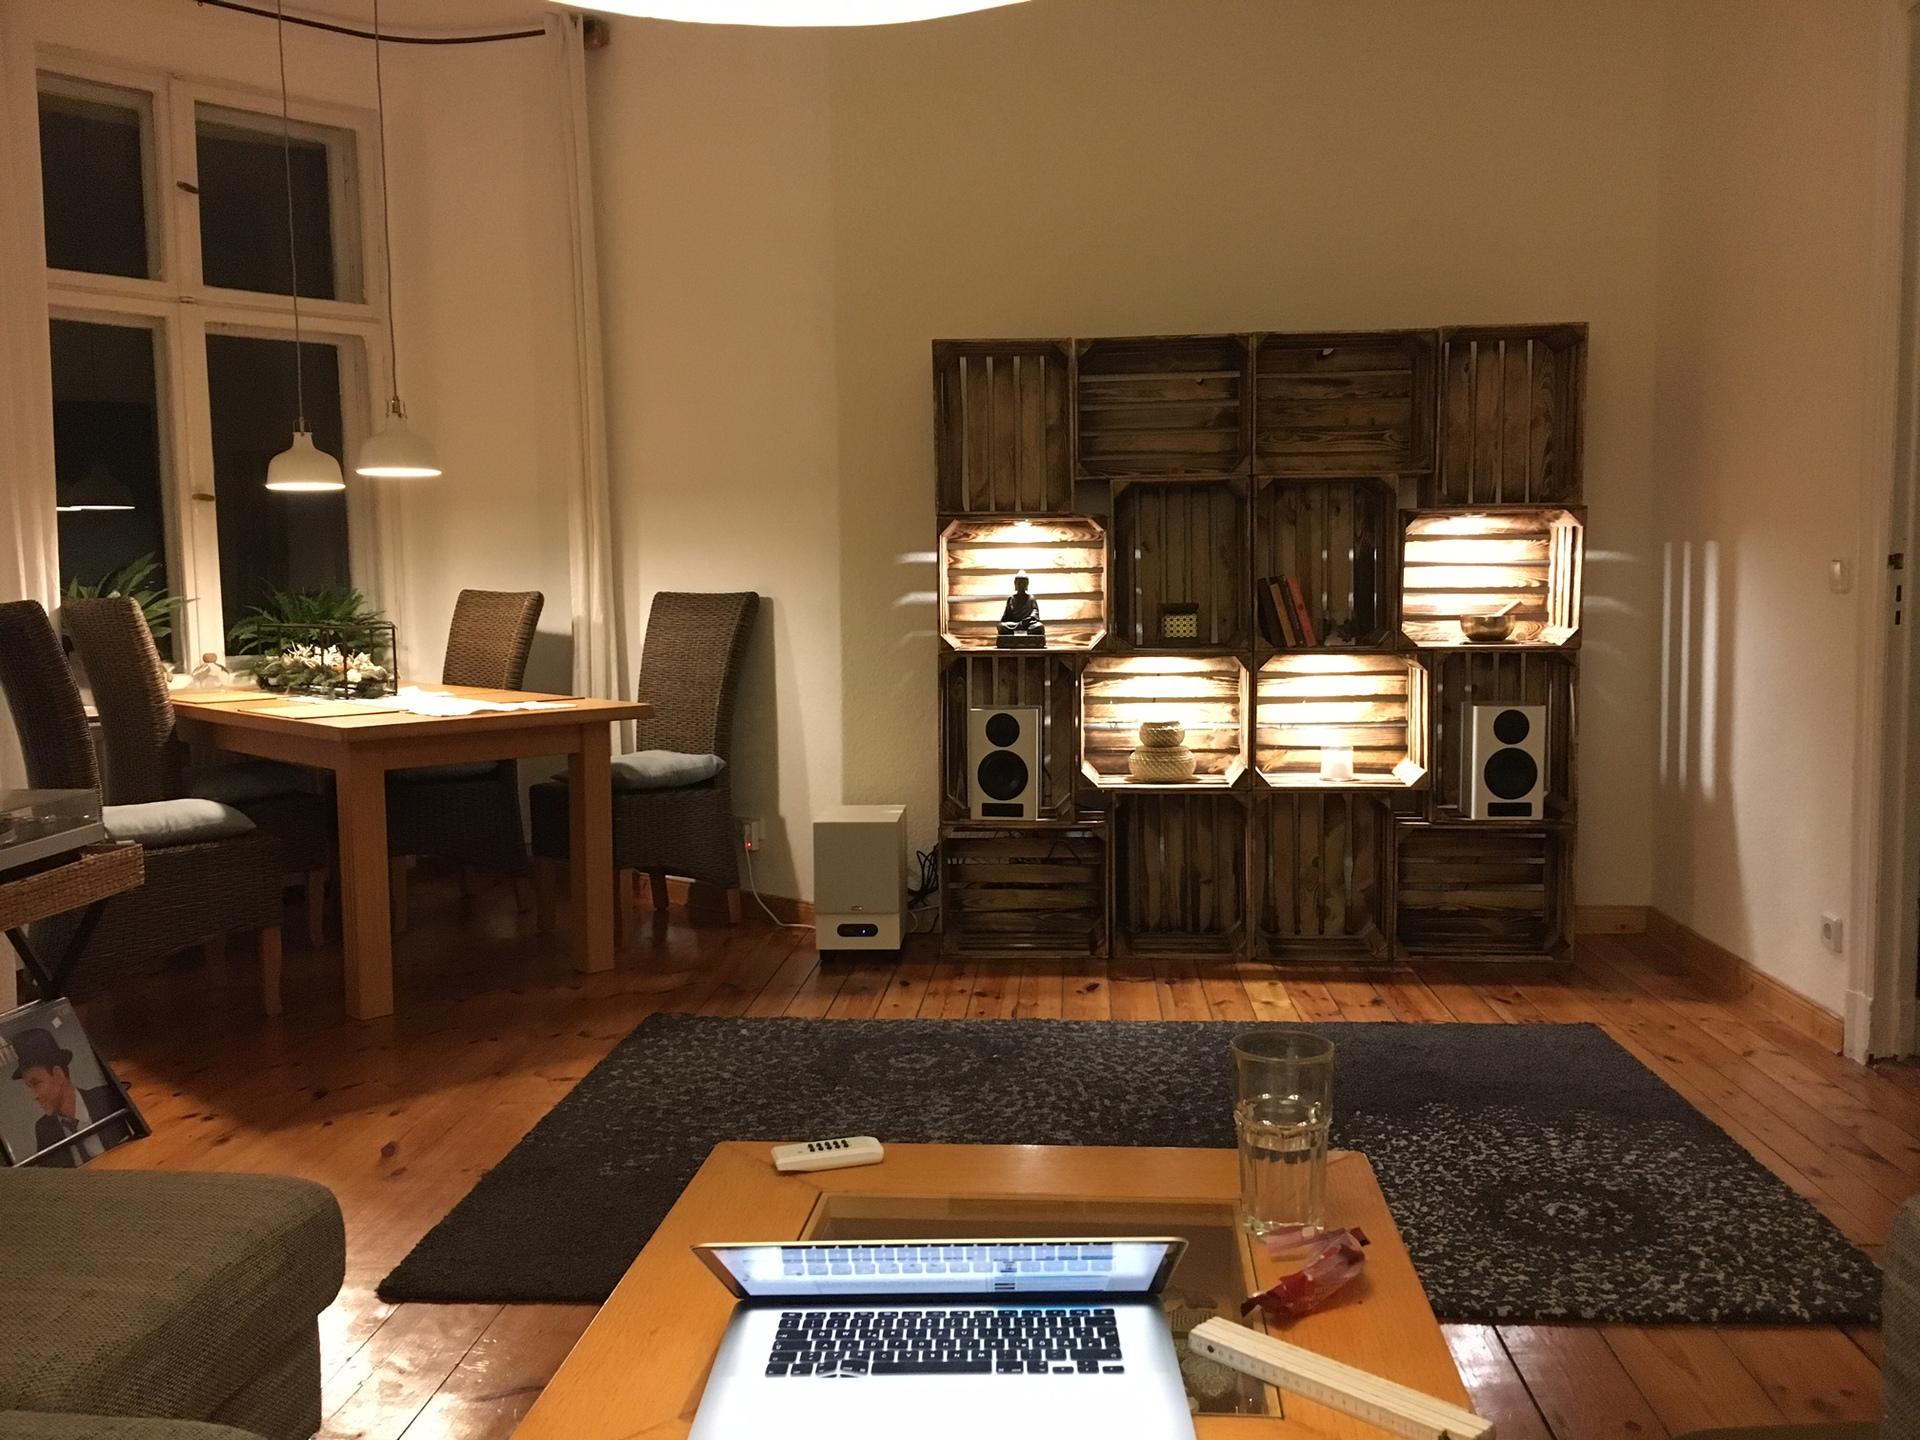 Wohnzimmer lautsprecher stereo wohnzimmer hifi forum for Bildergalerie wohnzimmer